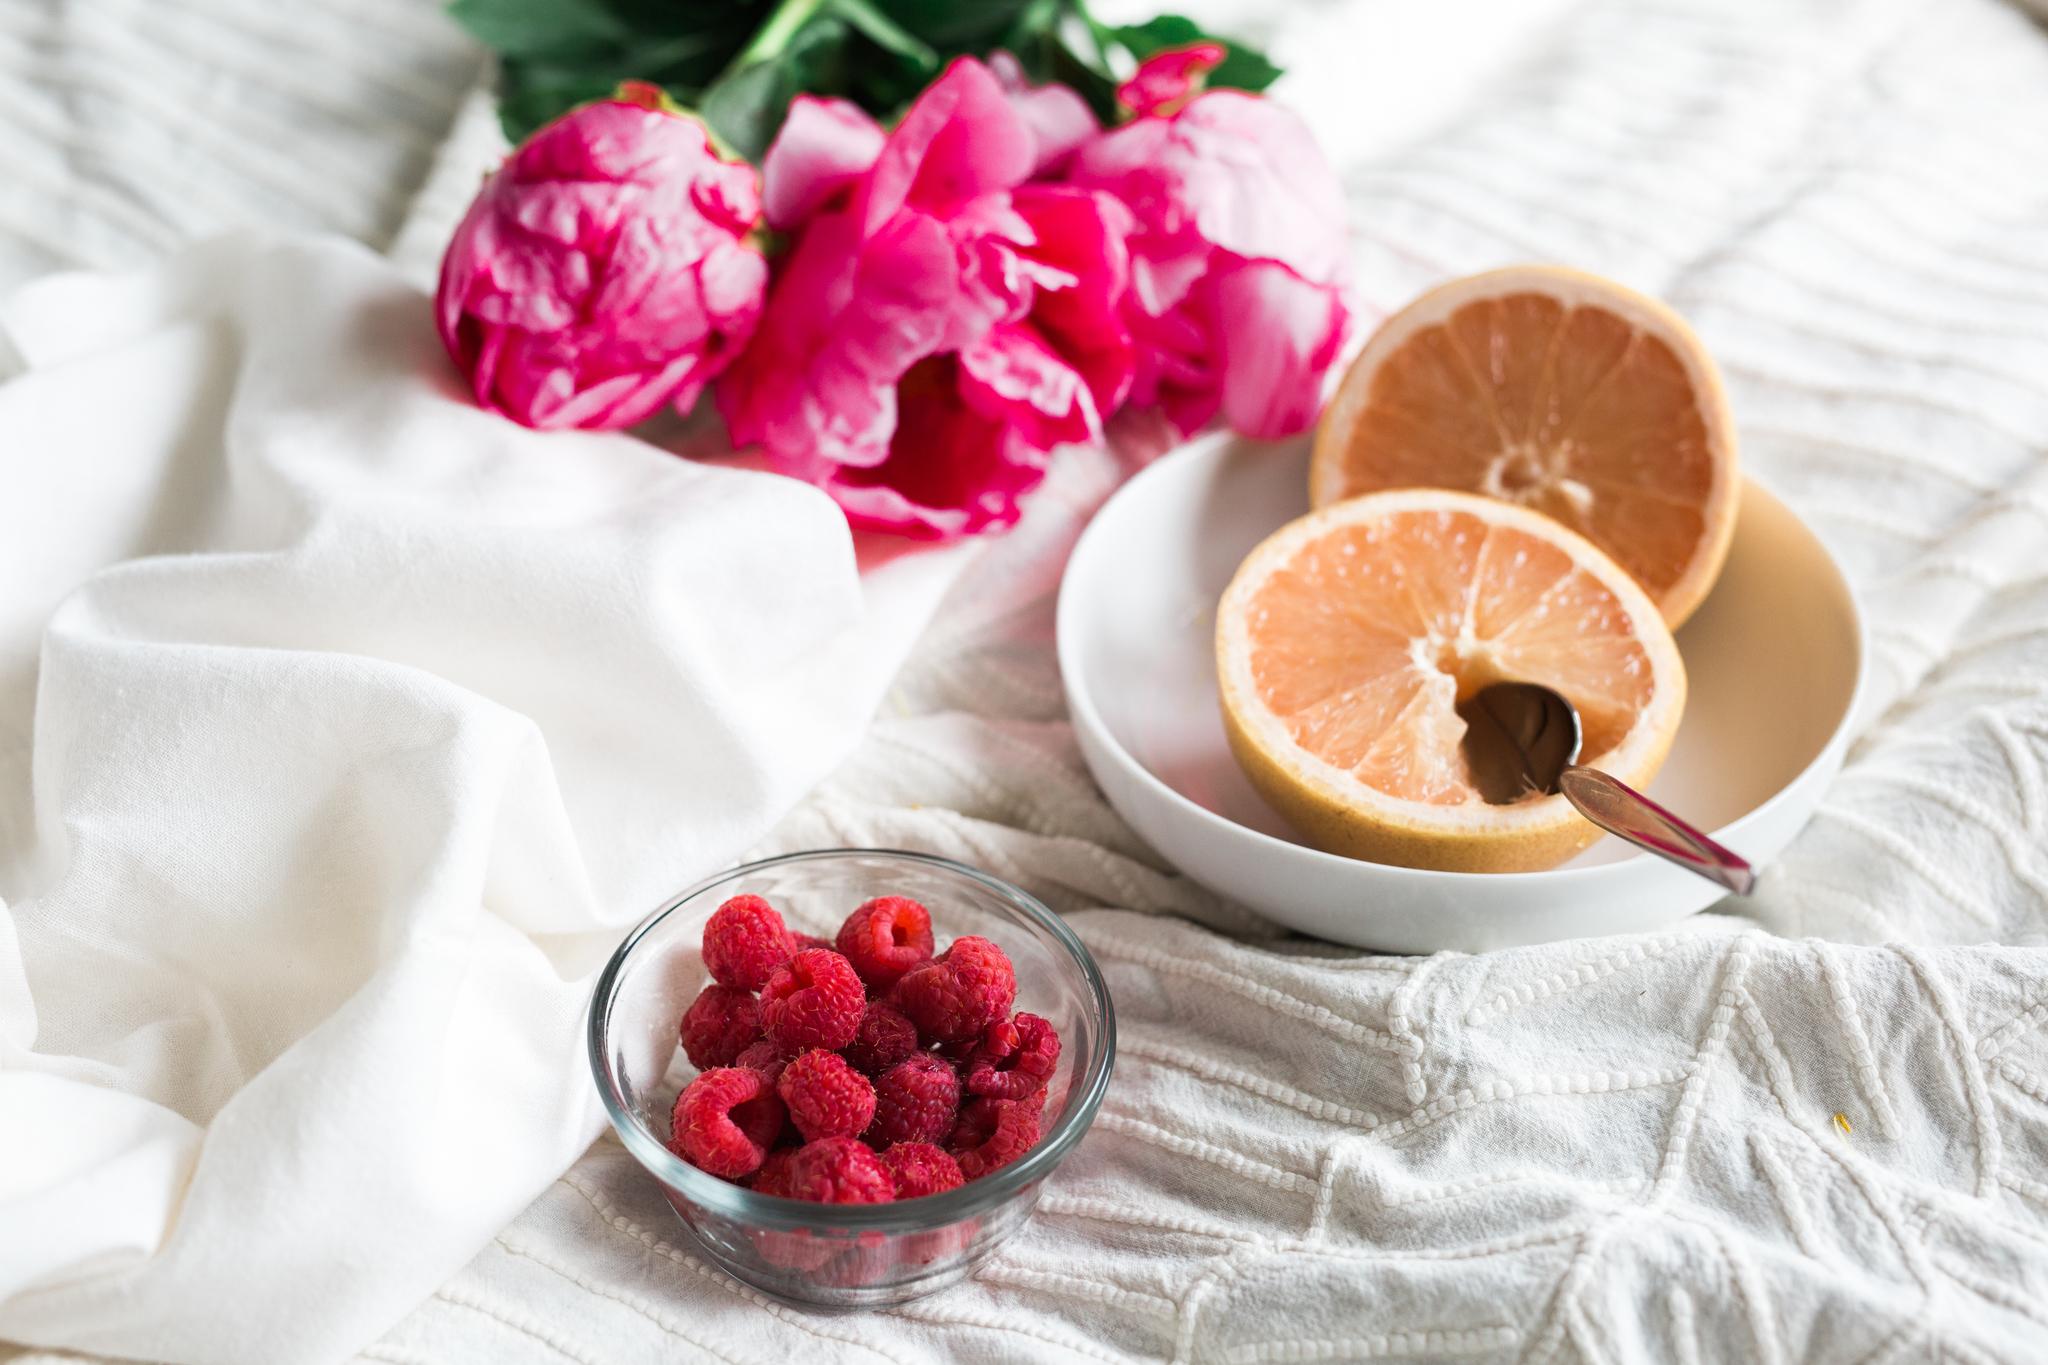 Vibrant_Breakfast_In_Bed-157.jpg